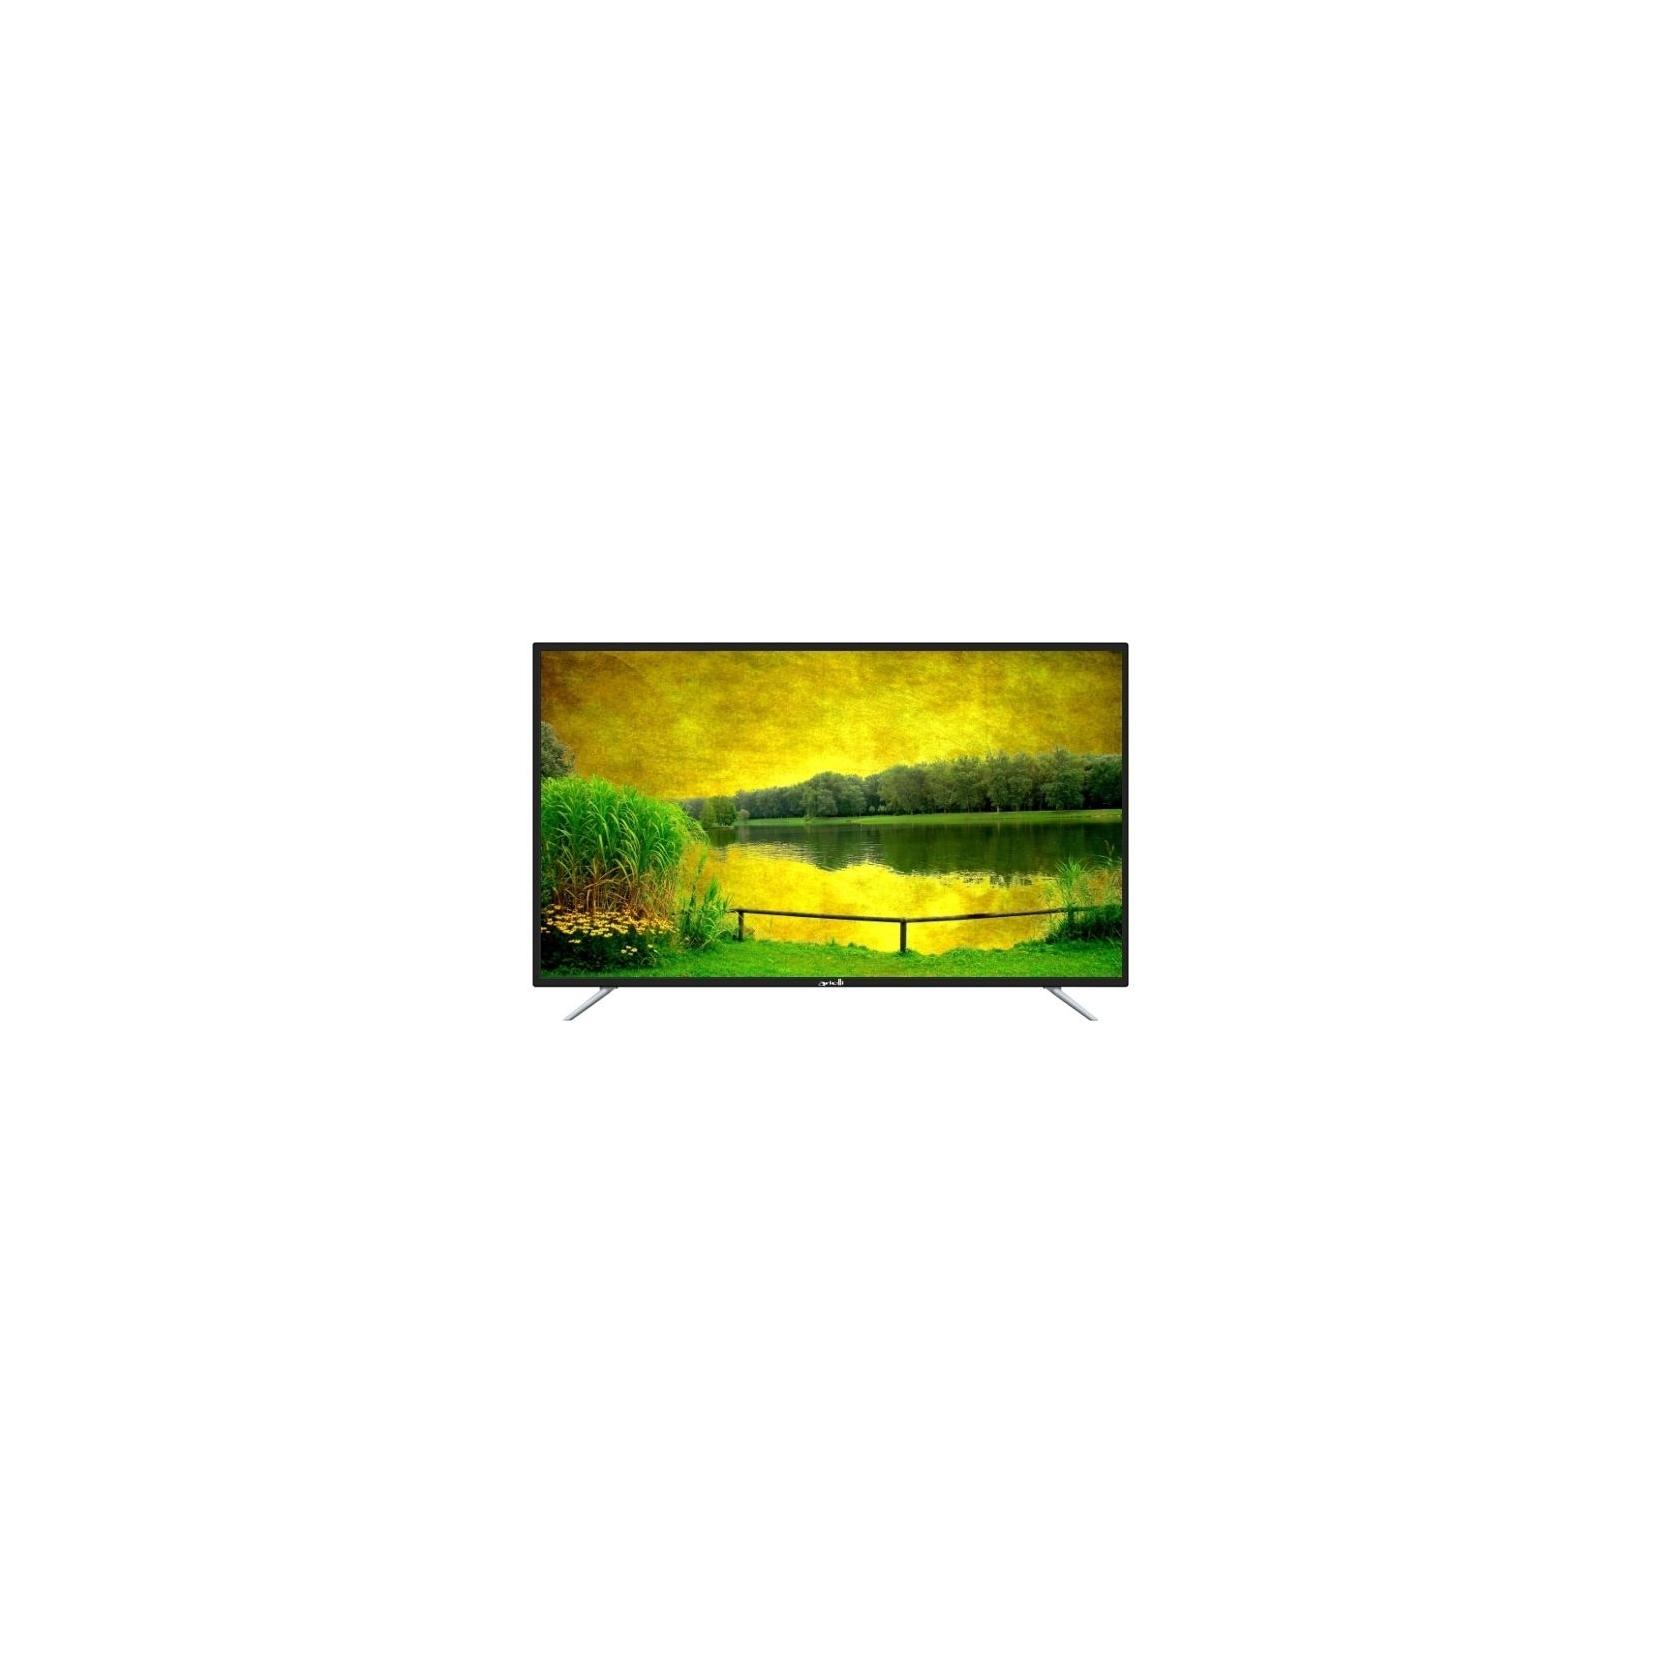 ARIELLI 50DN4T2 TV LED 50'' FHD READY DVB-T2 COLORE NERO -GARANZIA ITALIA -PROMO